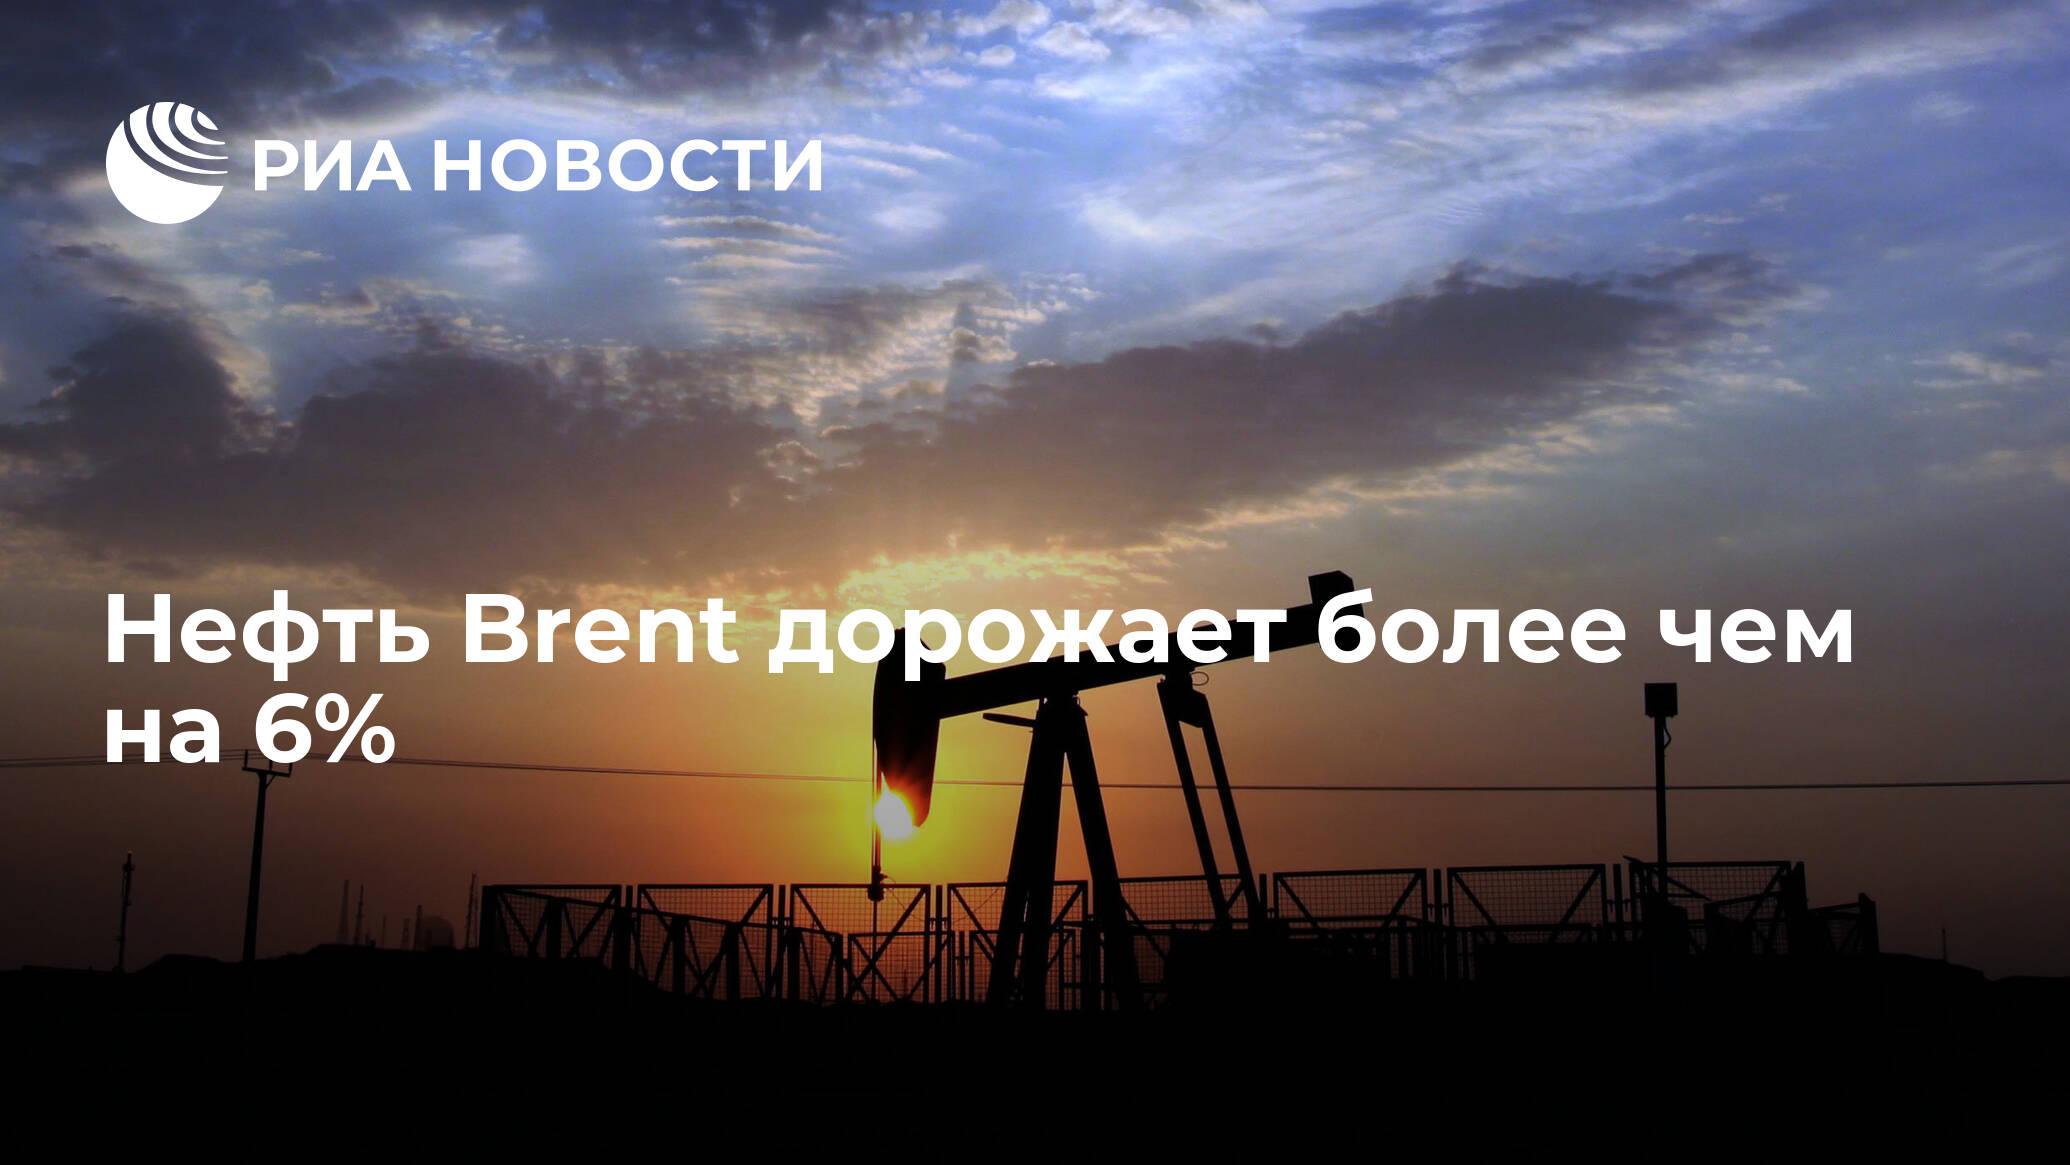 Нефть Brent дорожает более чем на 6%